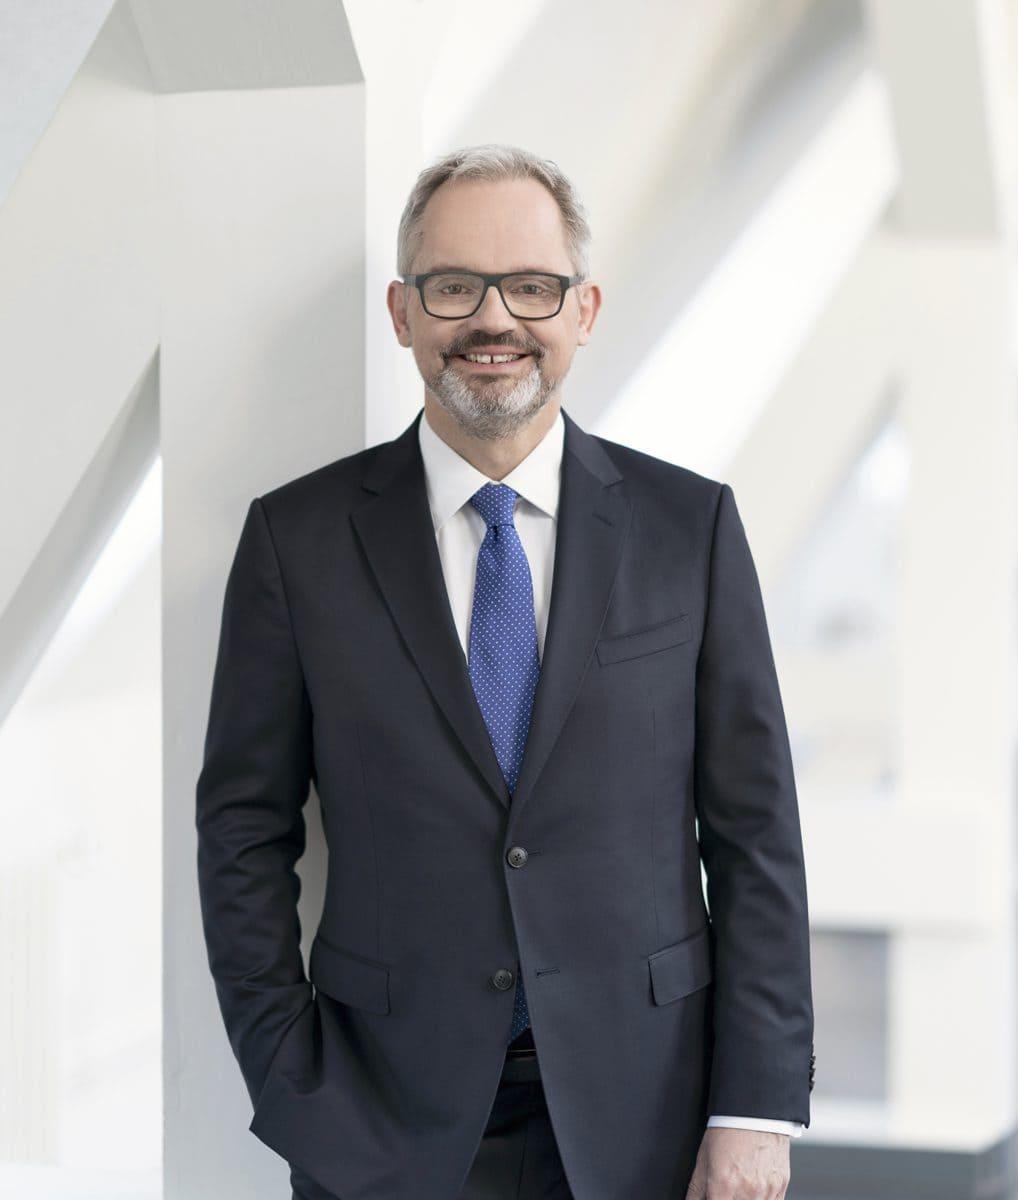 Der Diplomingenieur und Immobilienökonom Hendrik Thomson sieht für die Immobilienwirtschaft vor allem zwei Hebel, um den Klimasschutz voranzutreiben – die Minimierung des Energiebedarfs sowie den Einsatz möglichst wenig CO2-intensiver Energieträger.